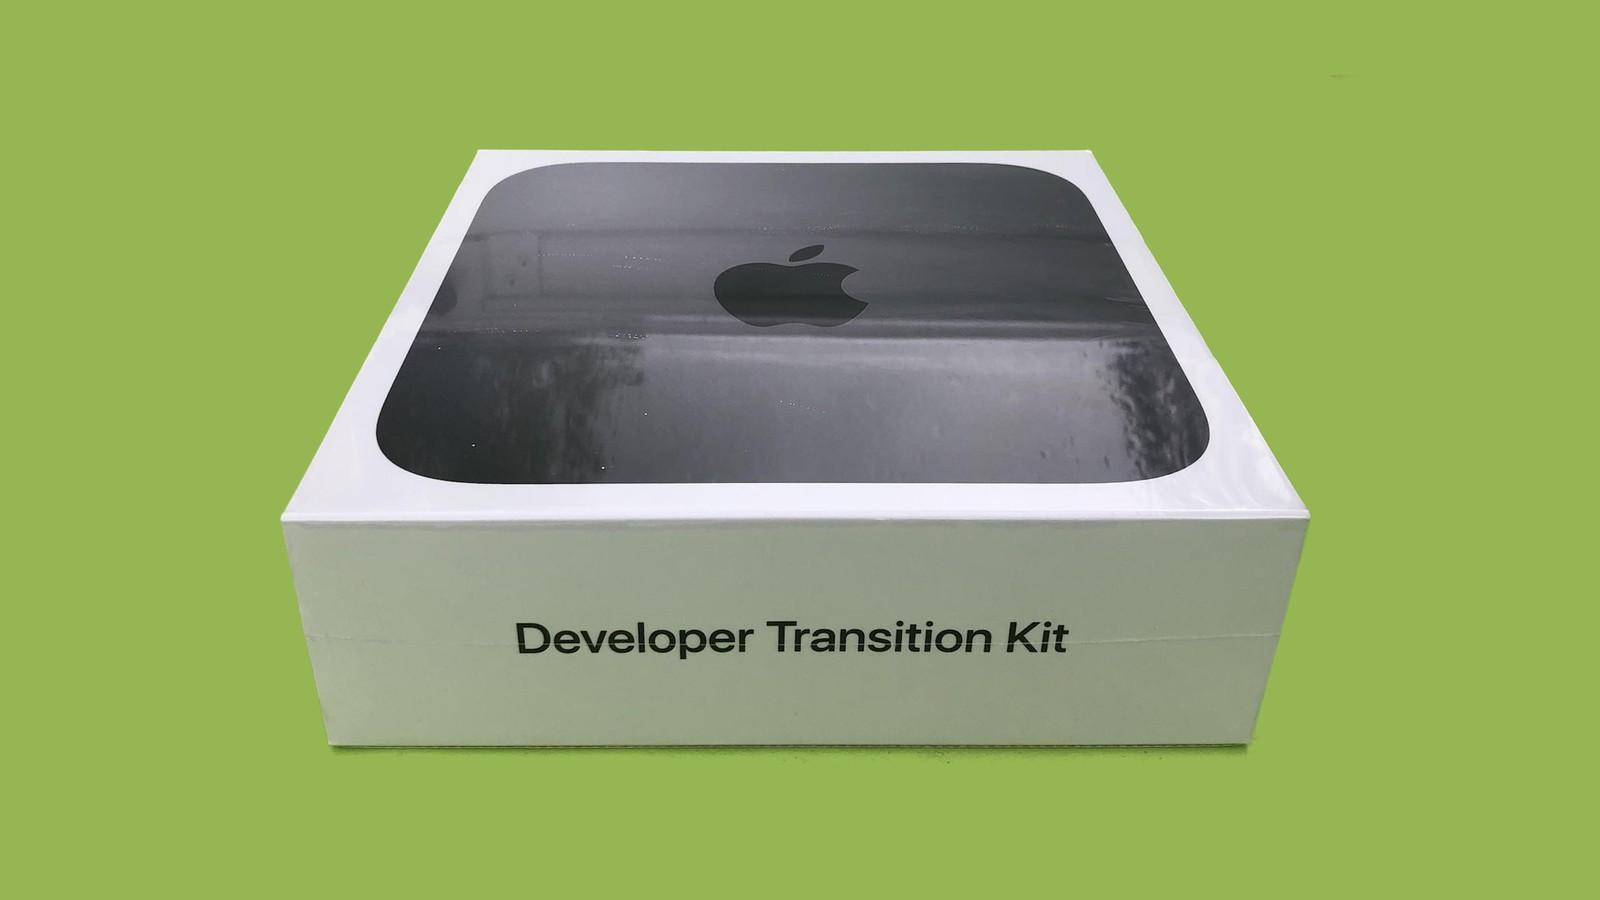 Apple попросила разработчиков вернуть Mac mini на ARM до 31 марта